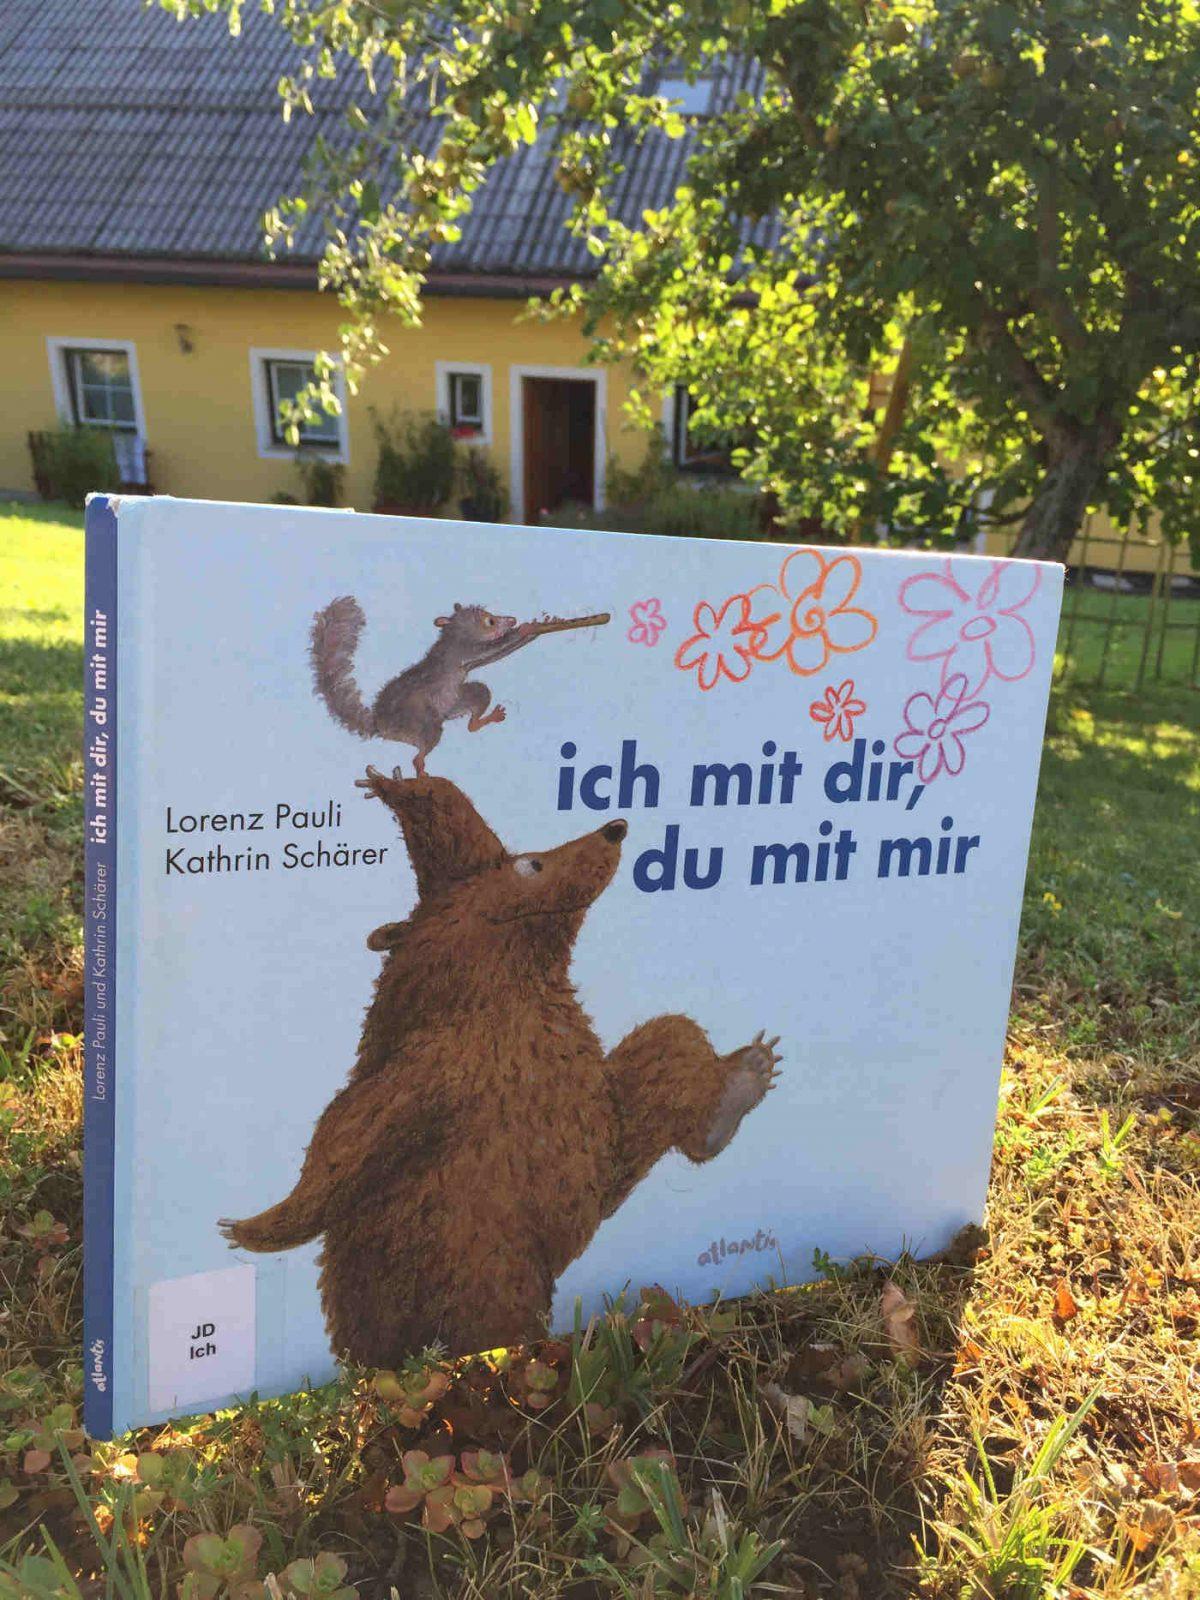 Lorenz Pauli und Kathrin Schärer: ich mit dir, du mit mir